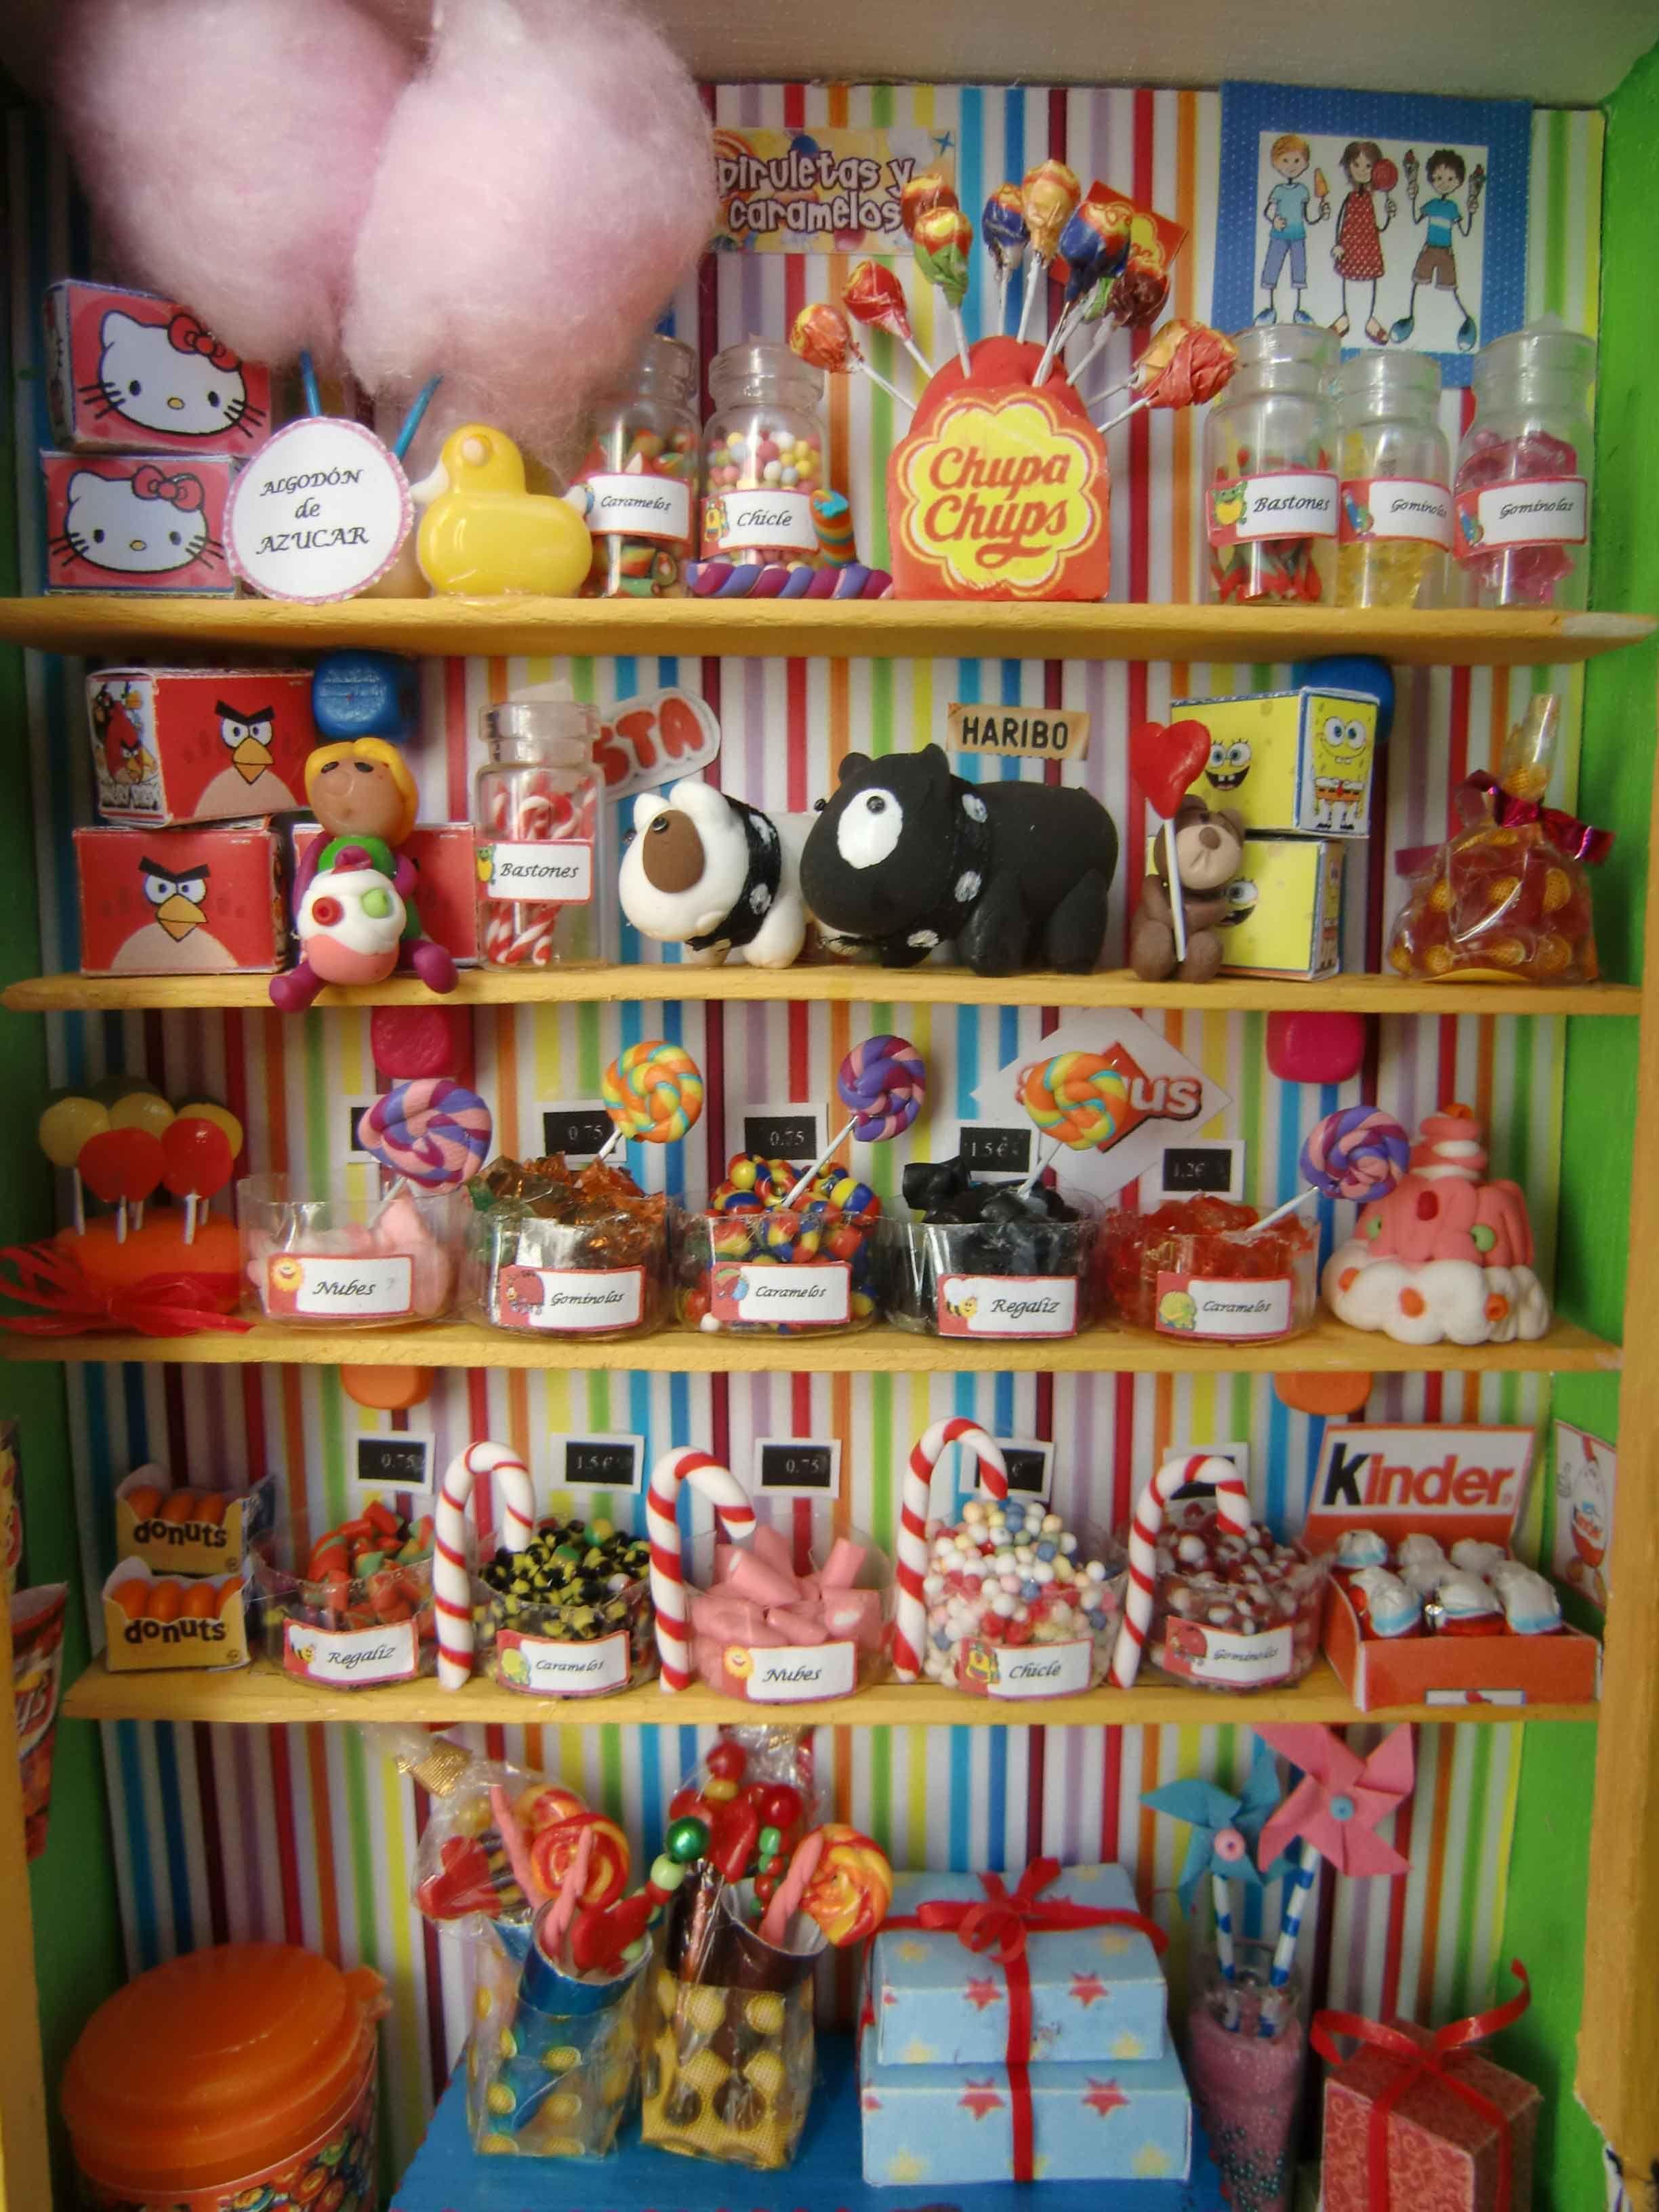 mini-tienda de chuches